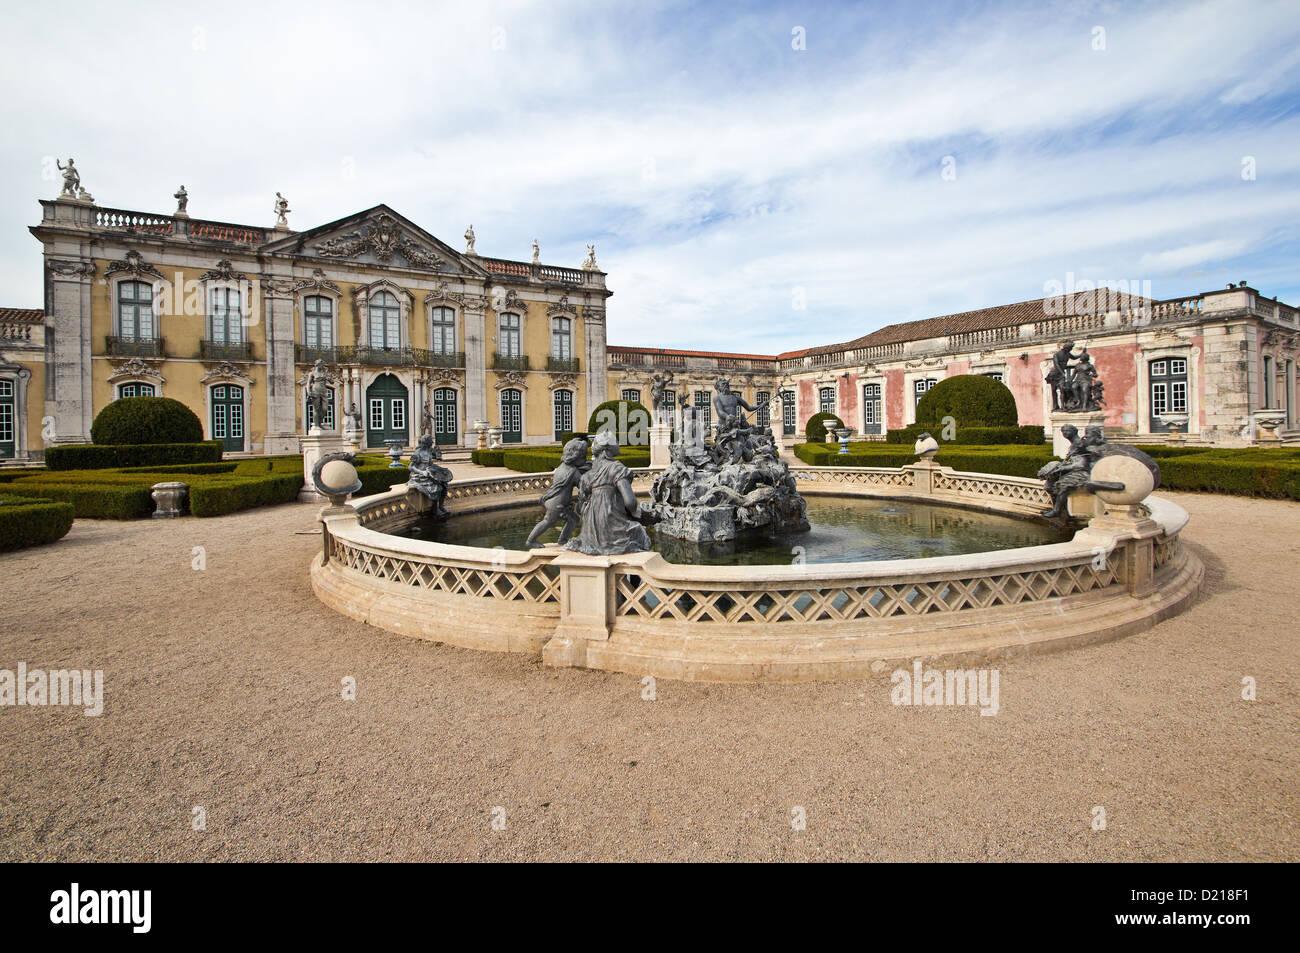 Zeremonielle Fassade und Neptunbrunnen, Queluz National Palace (Palacio Nacional de Queluz). Queluz, Portugal Stockfoto